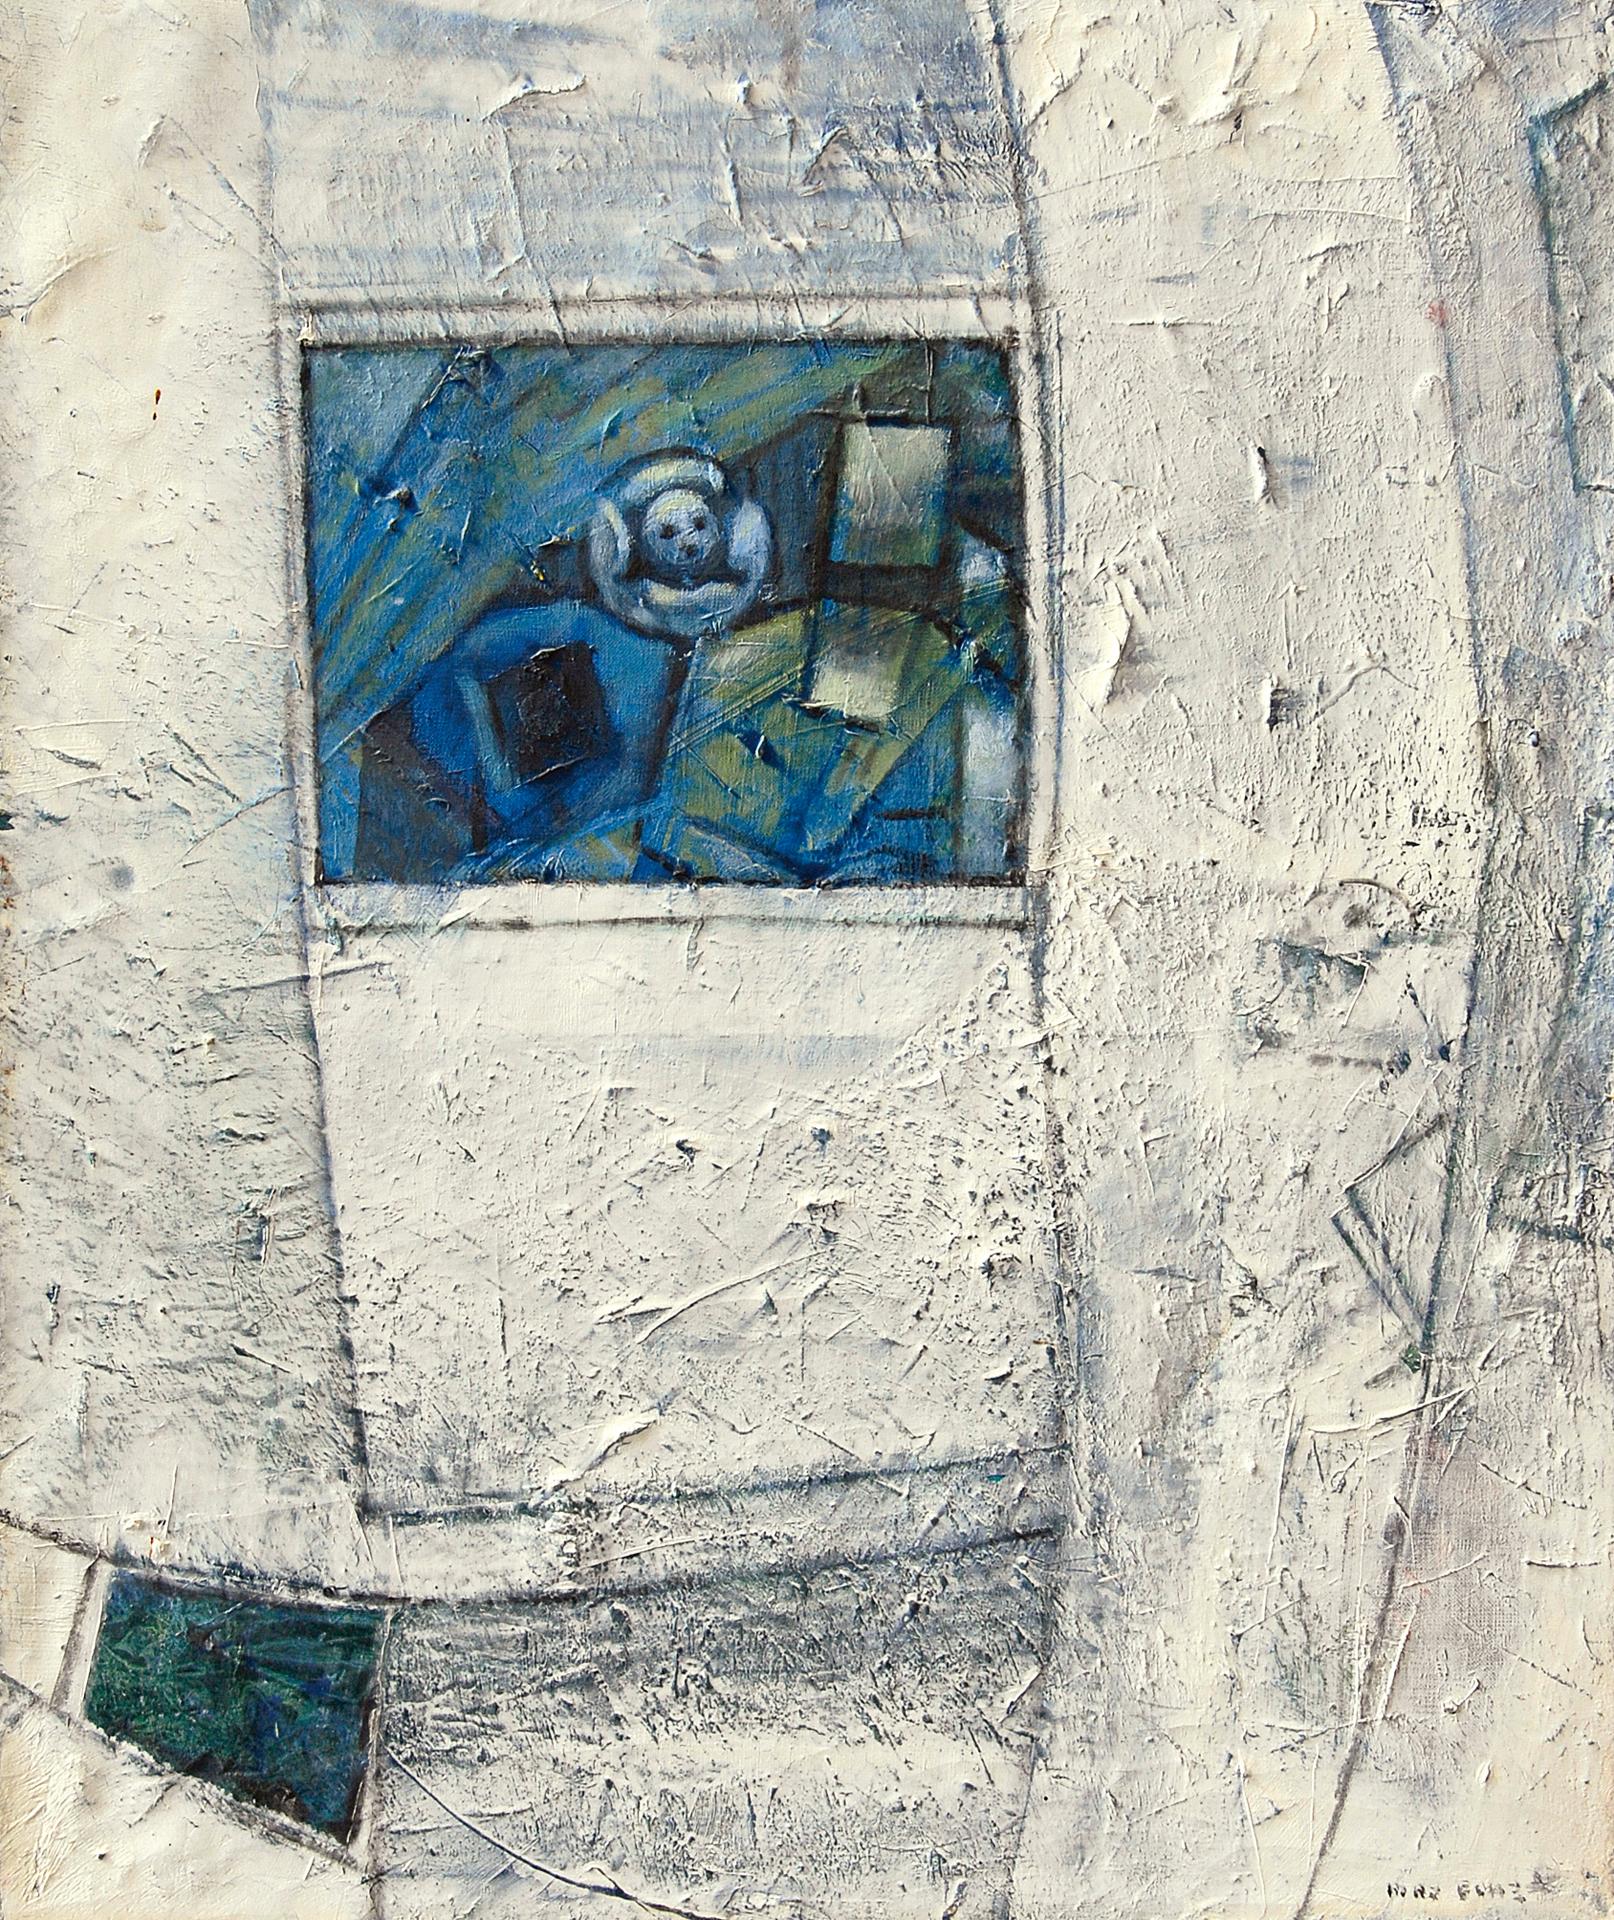 Max Ernst, Au coeur de l'hiver